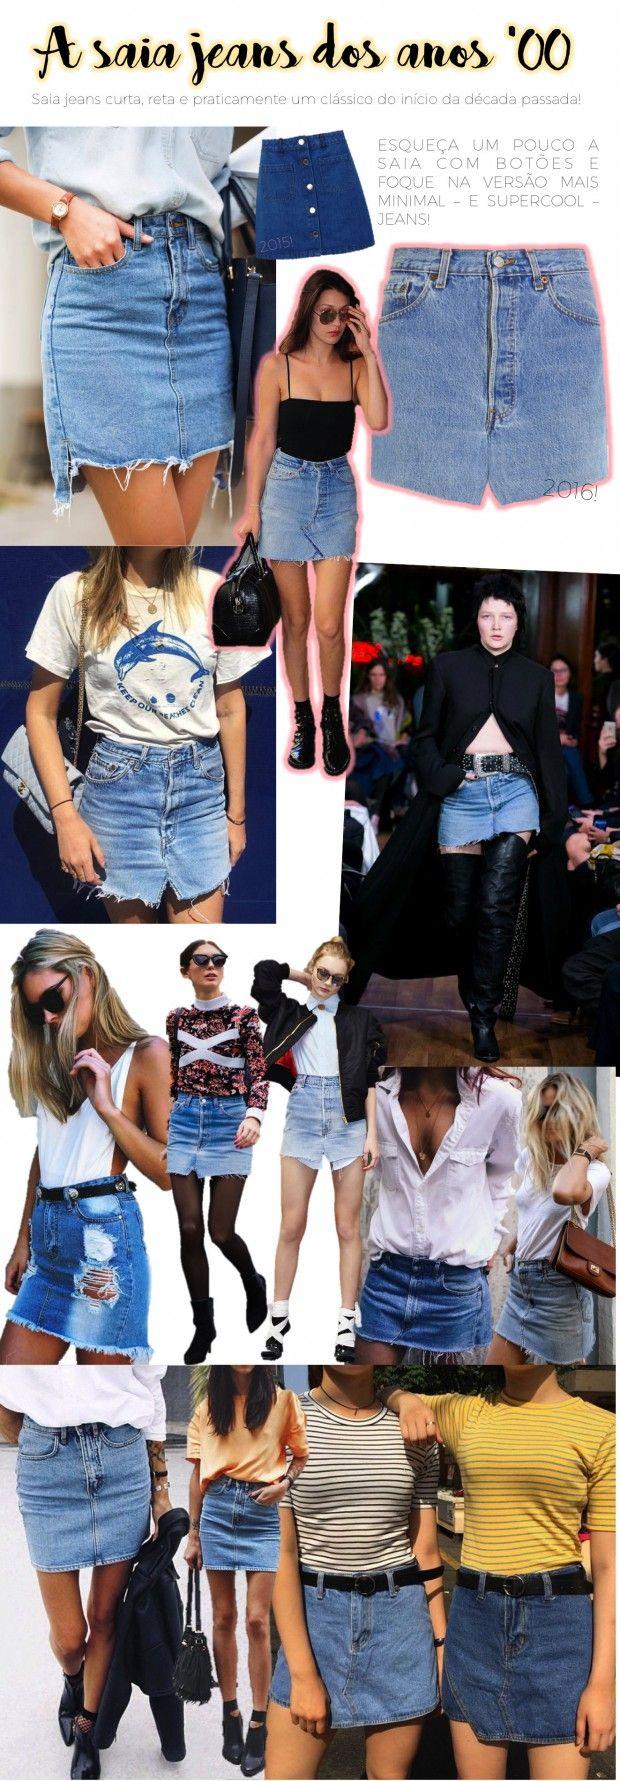 Se no último verão o foco eram as saias seventies com botões, para o próximo verão já antecipo (na realidade, torço) a volta da sainha dos anos 00! Você usava?